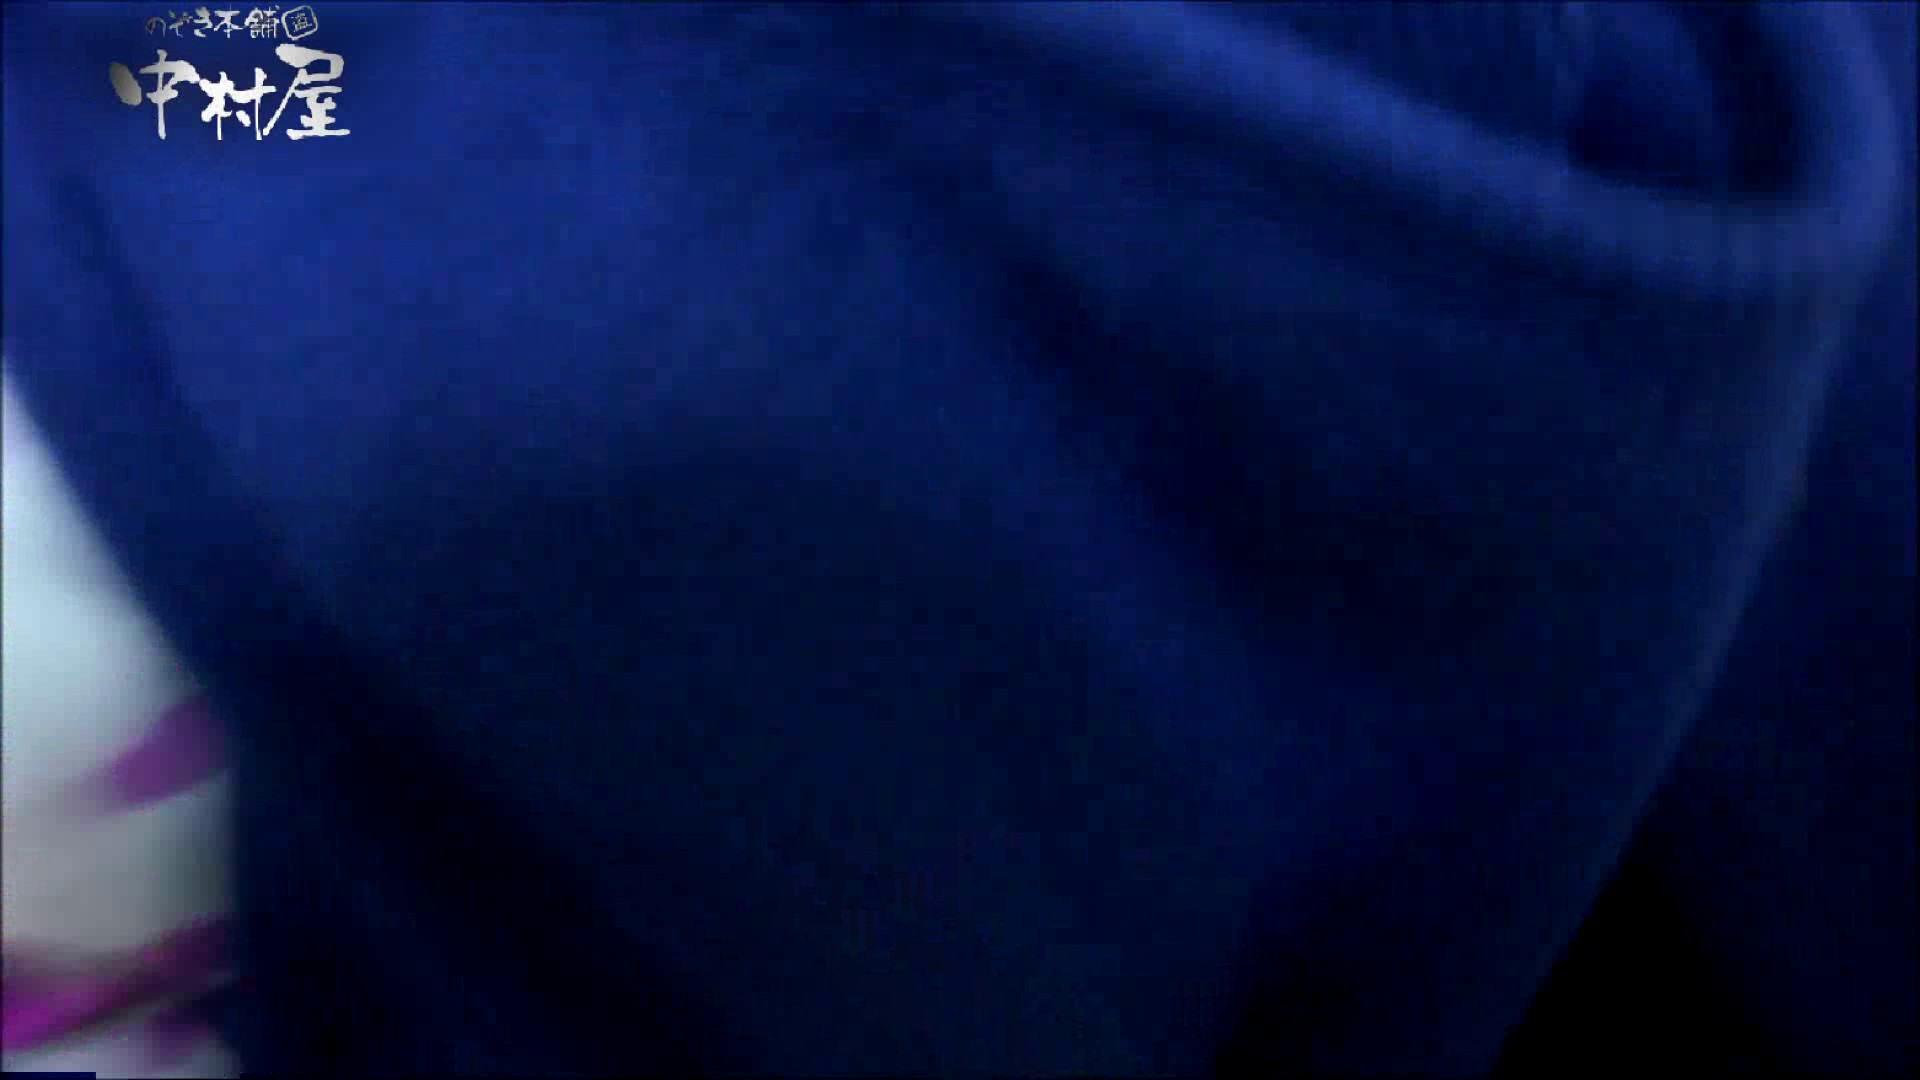 二人とも育てた甲斐がありました…vol.76【小春】レイカが目民る横で、、、親友の小春ちゃんをちょめちょめして。 おまんこ見放題 | 盗撮シリーズ  108PIX 91